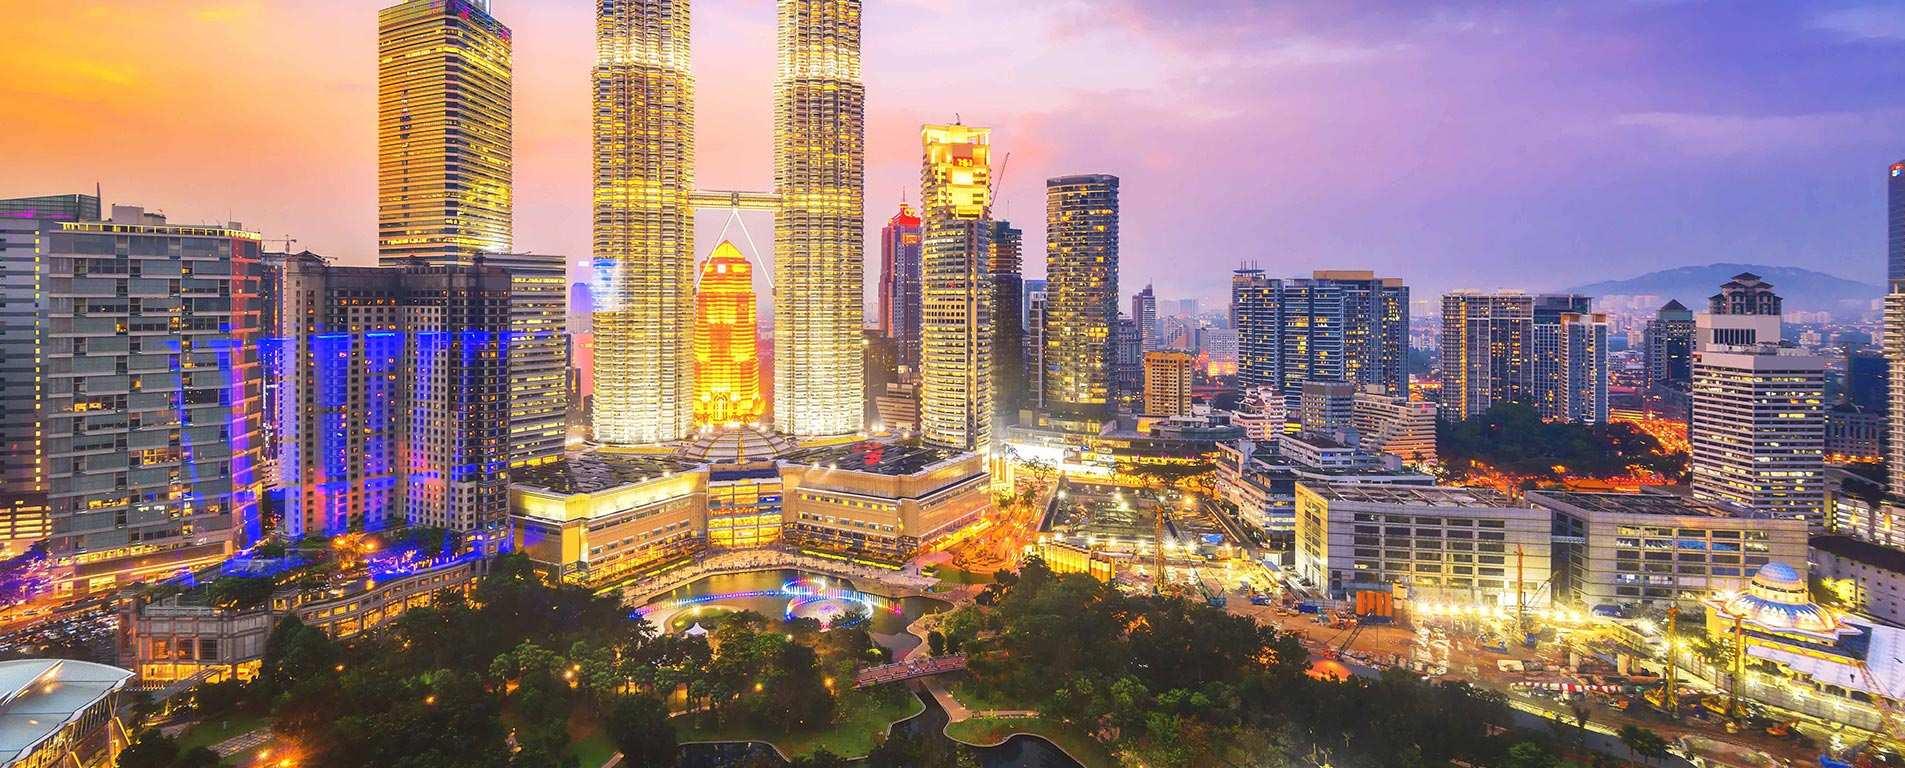 سفر به مالزی : سفری به قلب آسیای واقعی